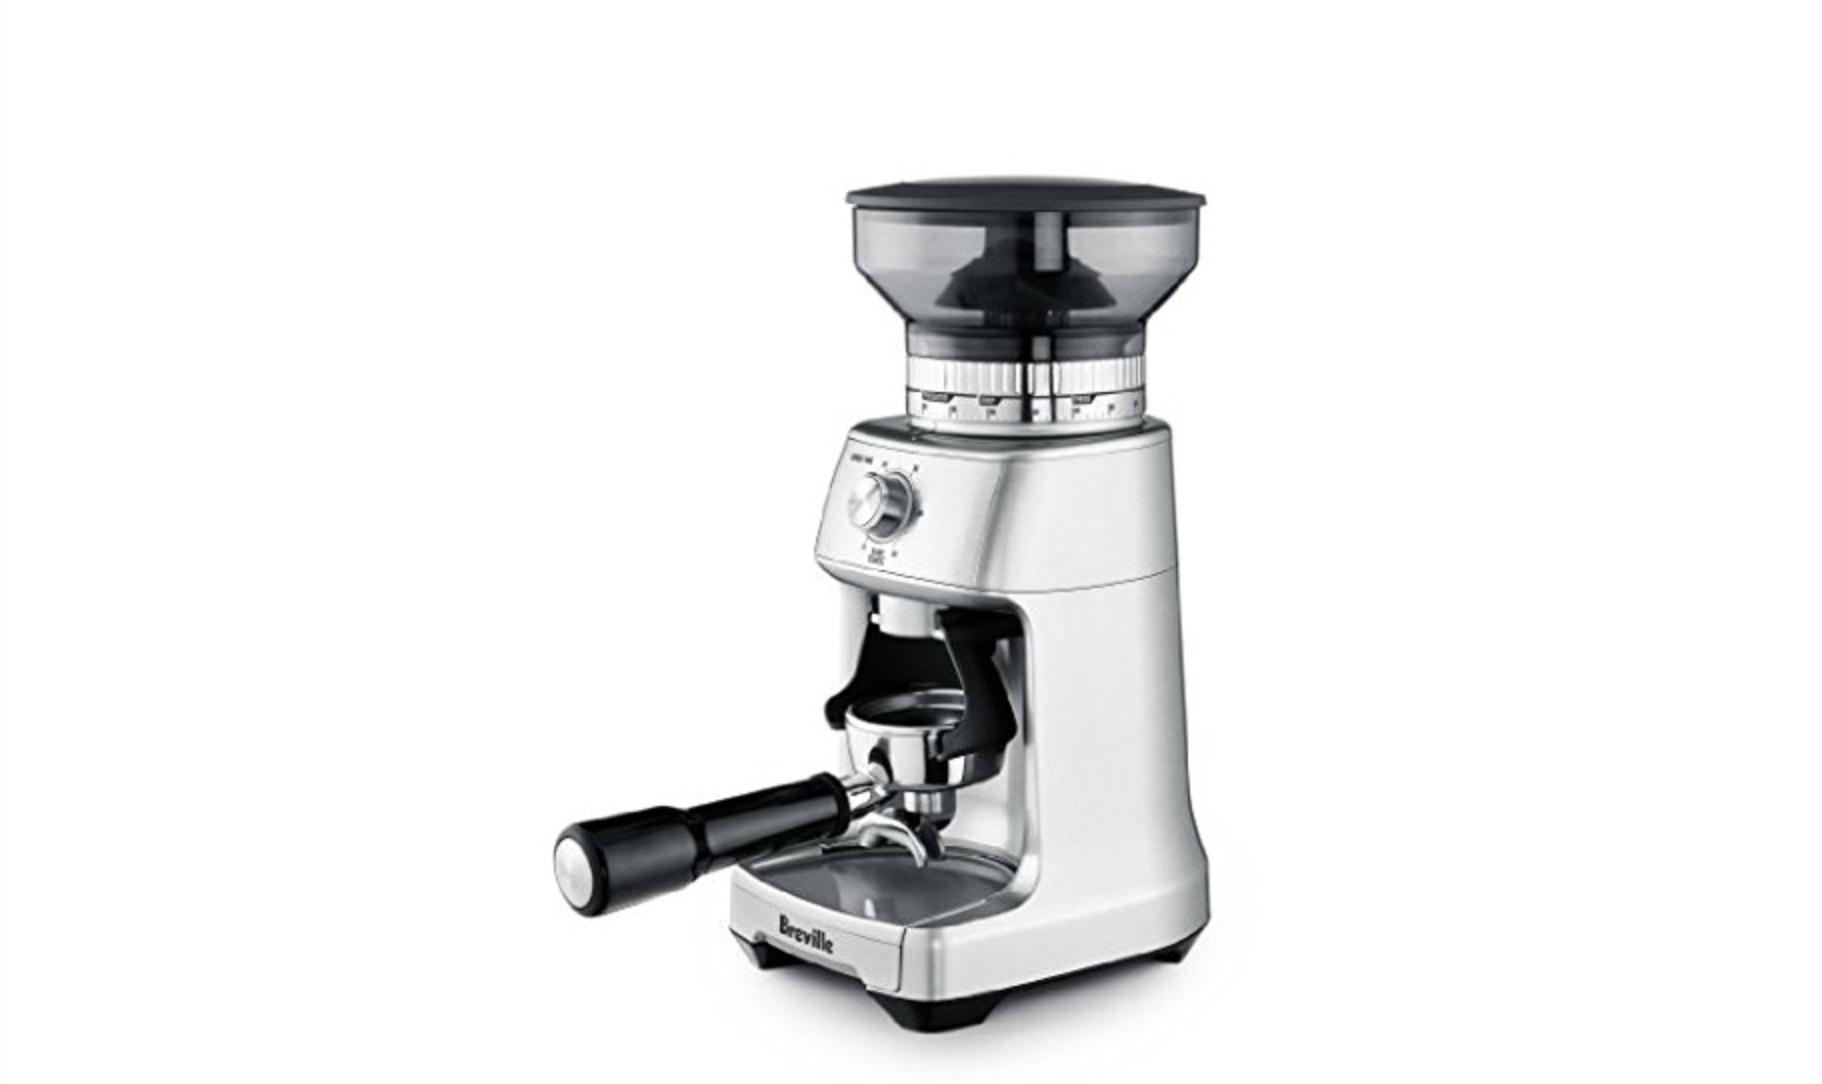 11 Ingenious Coffee Grinders on Amazon